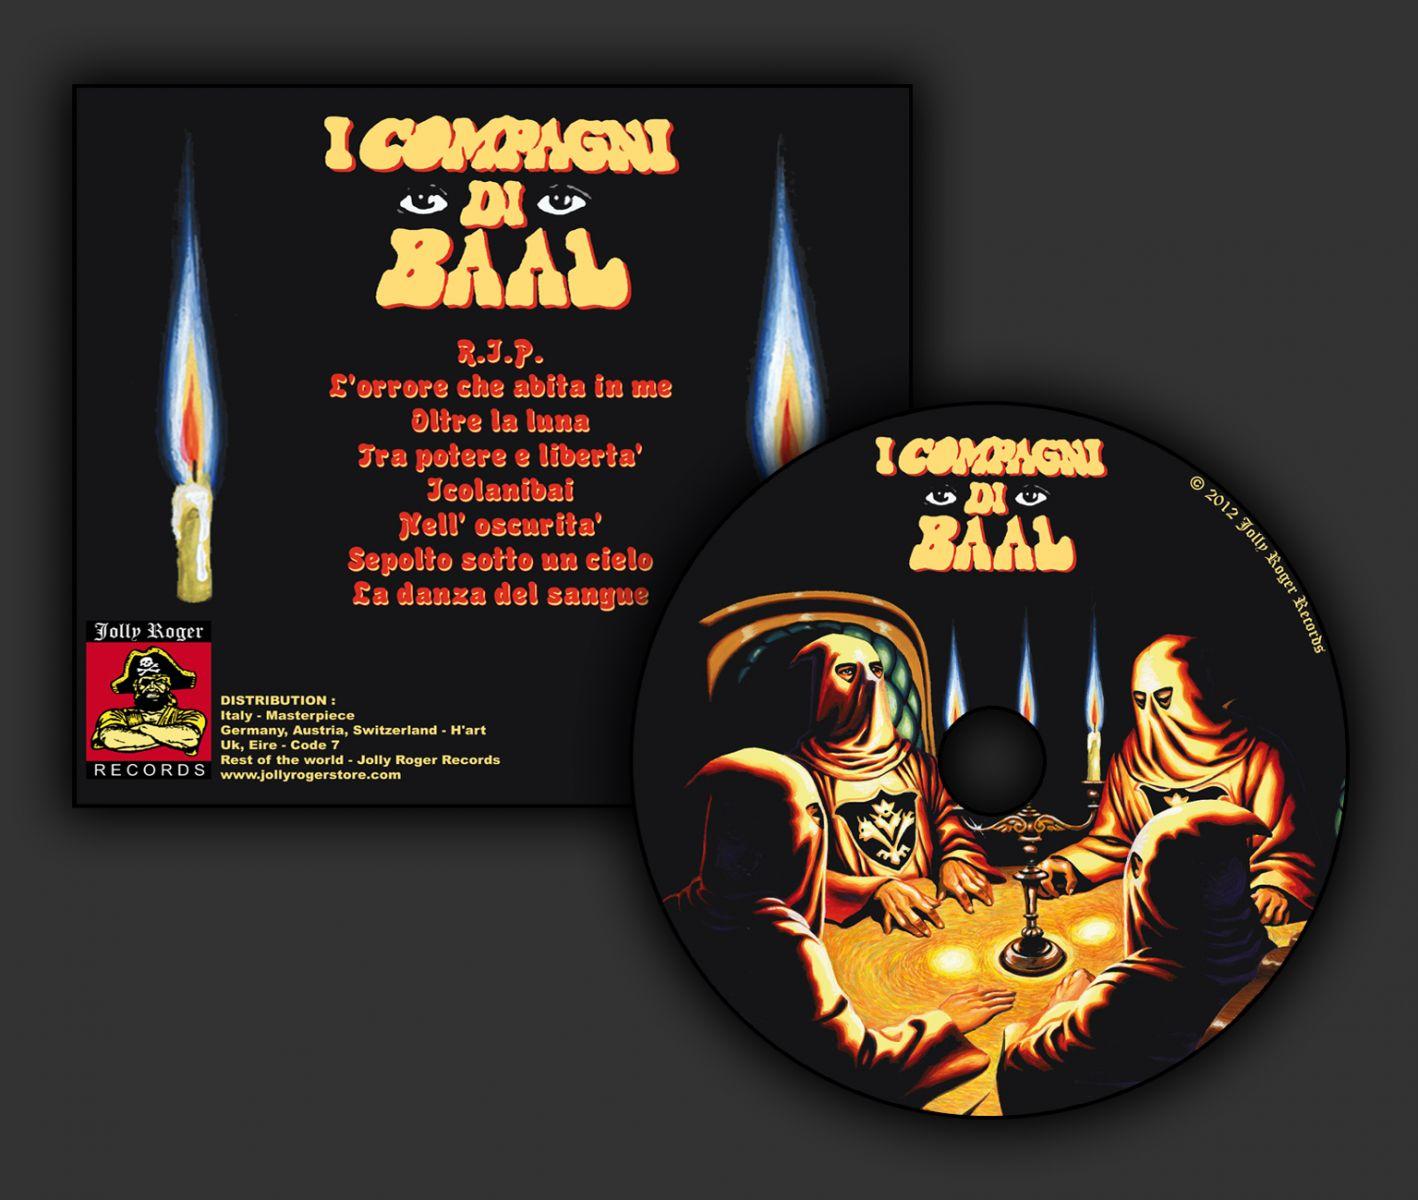 i compagni di baal, l'impero delle ombre, black widow records